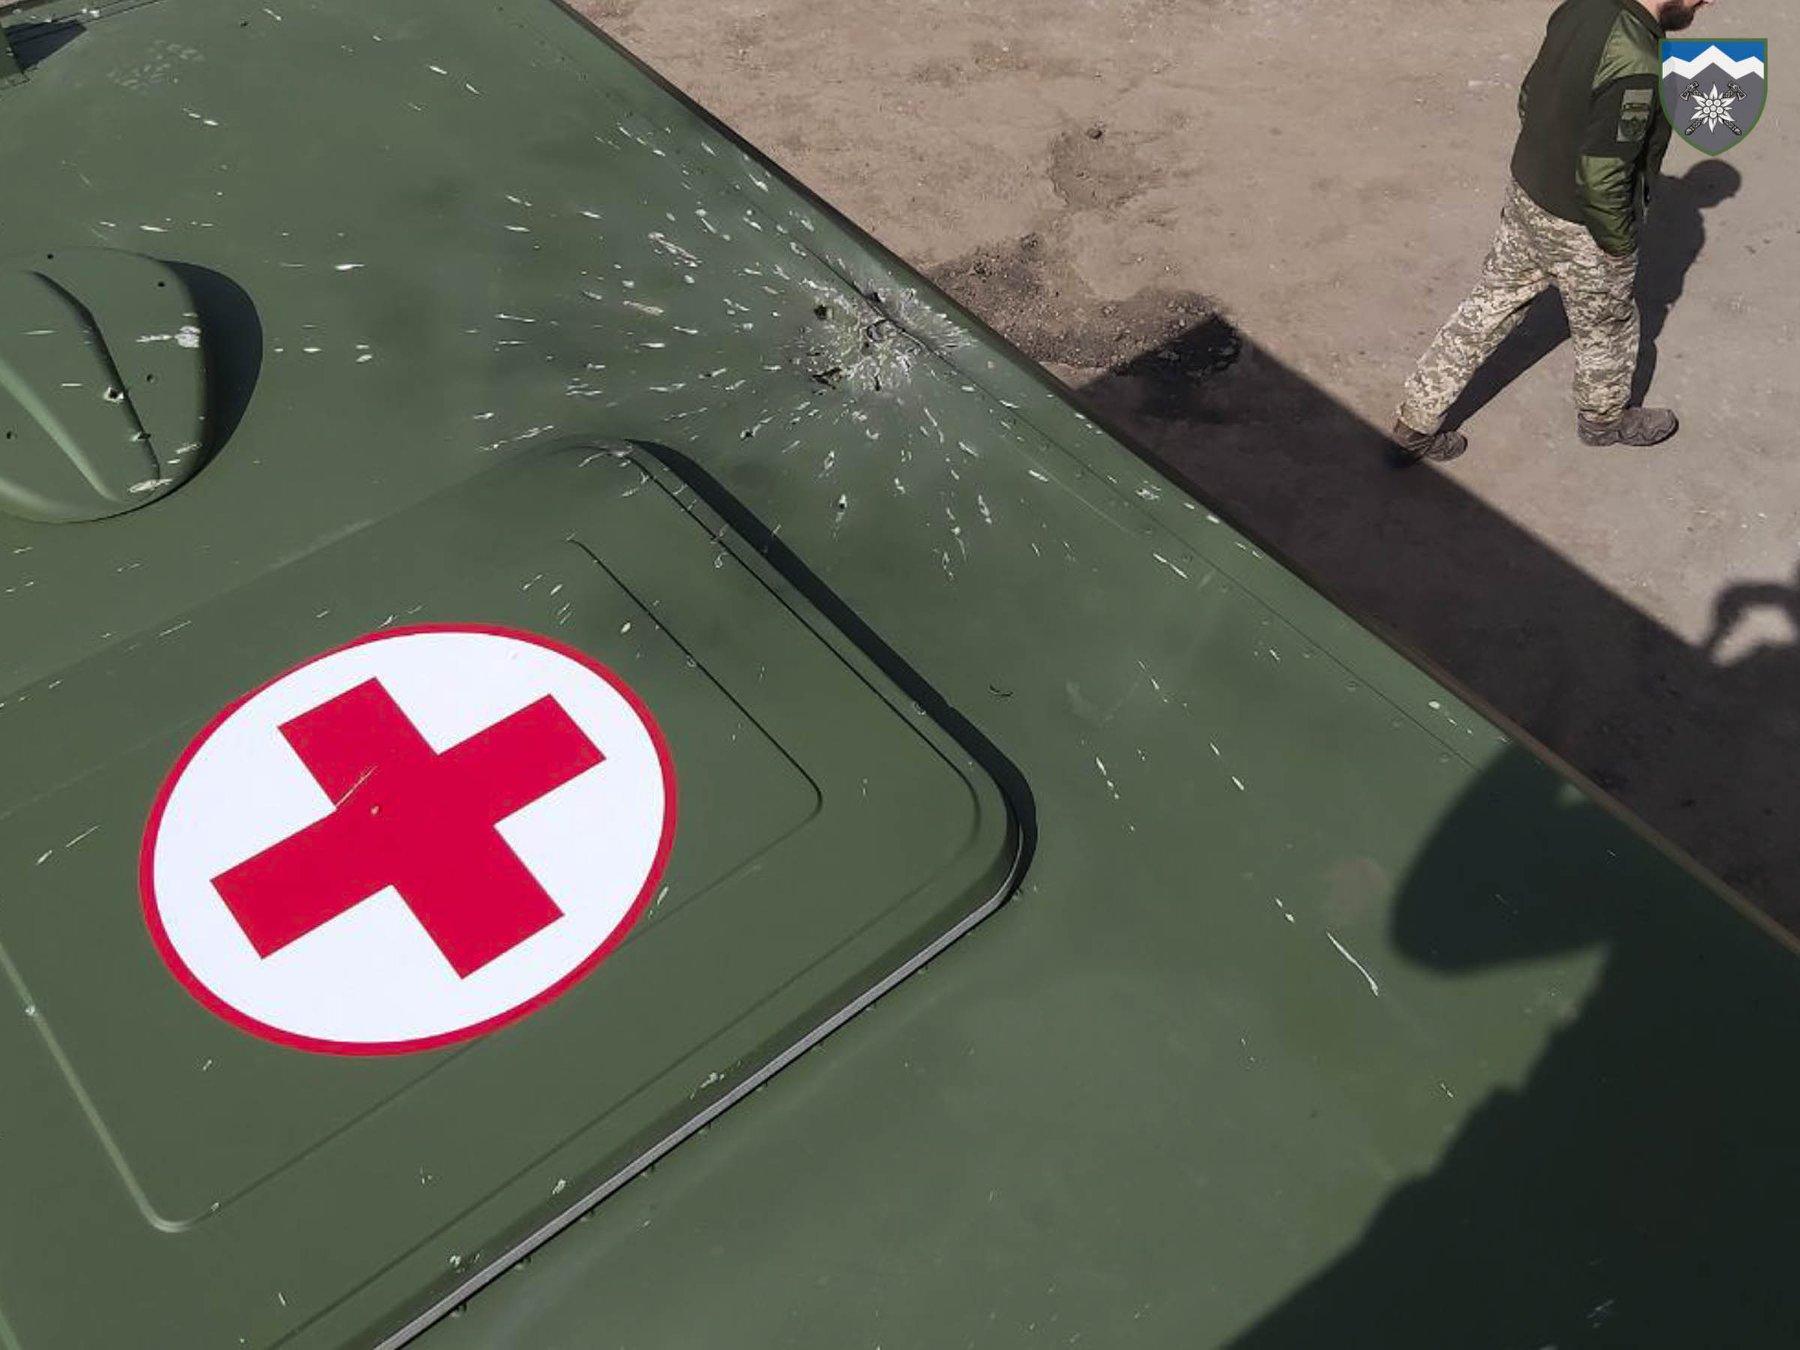 Підступна атака: БПЛА бойовиків скинув гранати на санітарний автомобіль ЗСУ. ФОТО